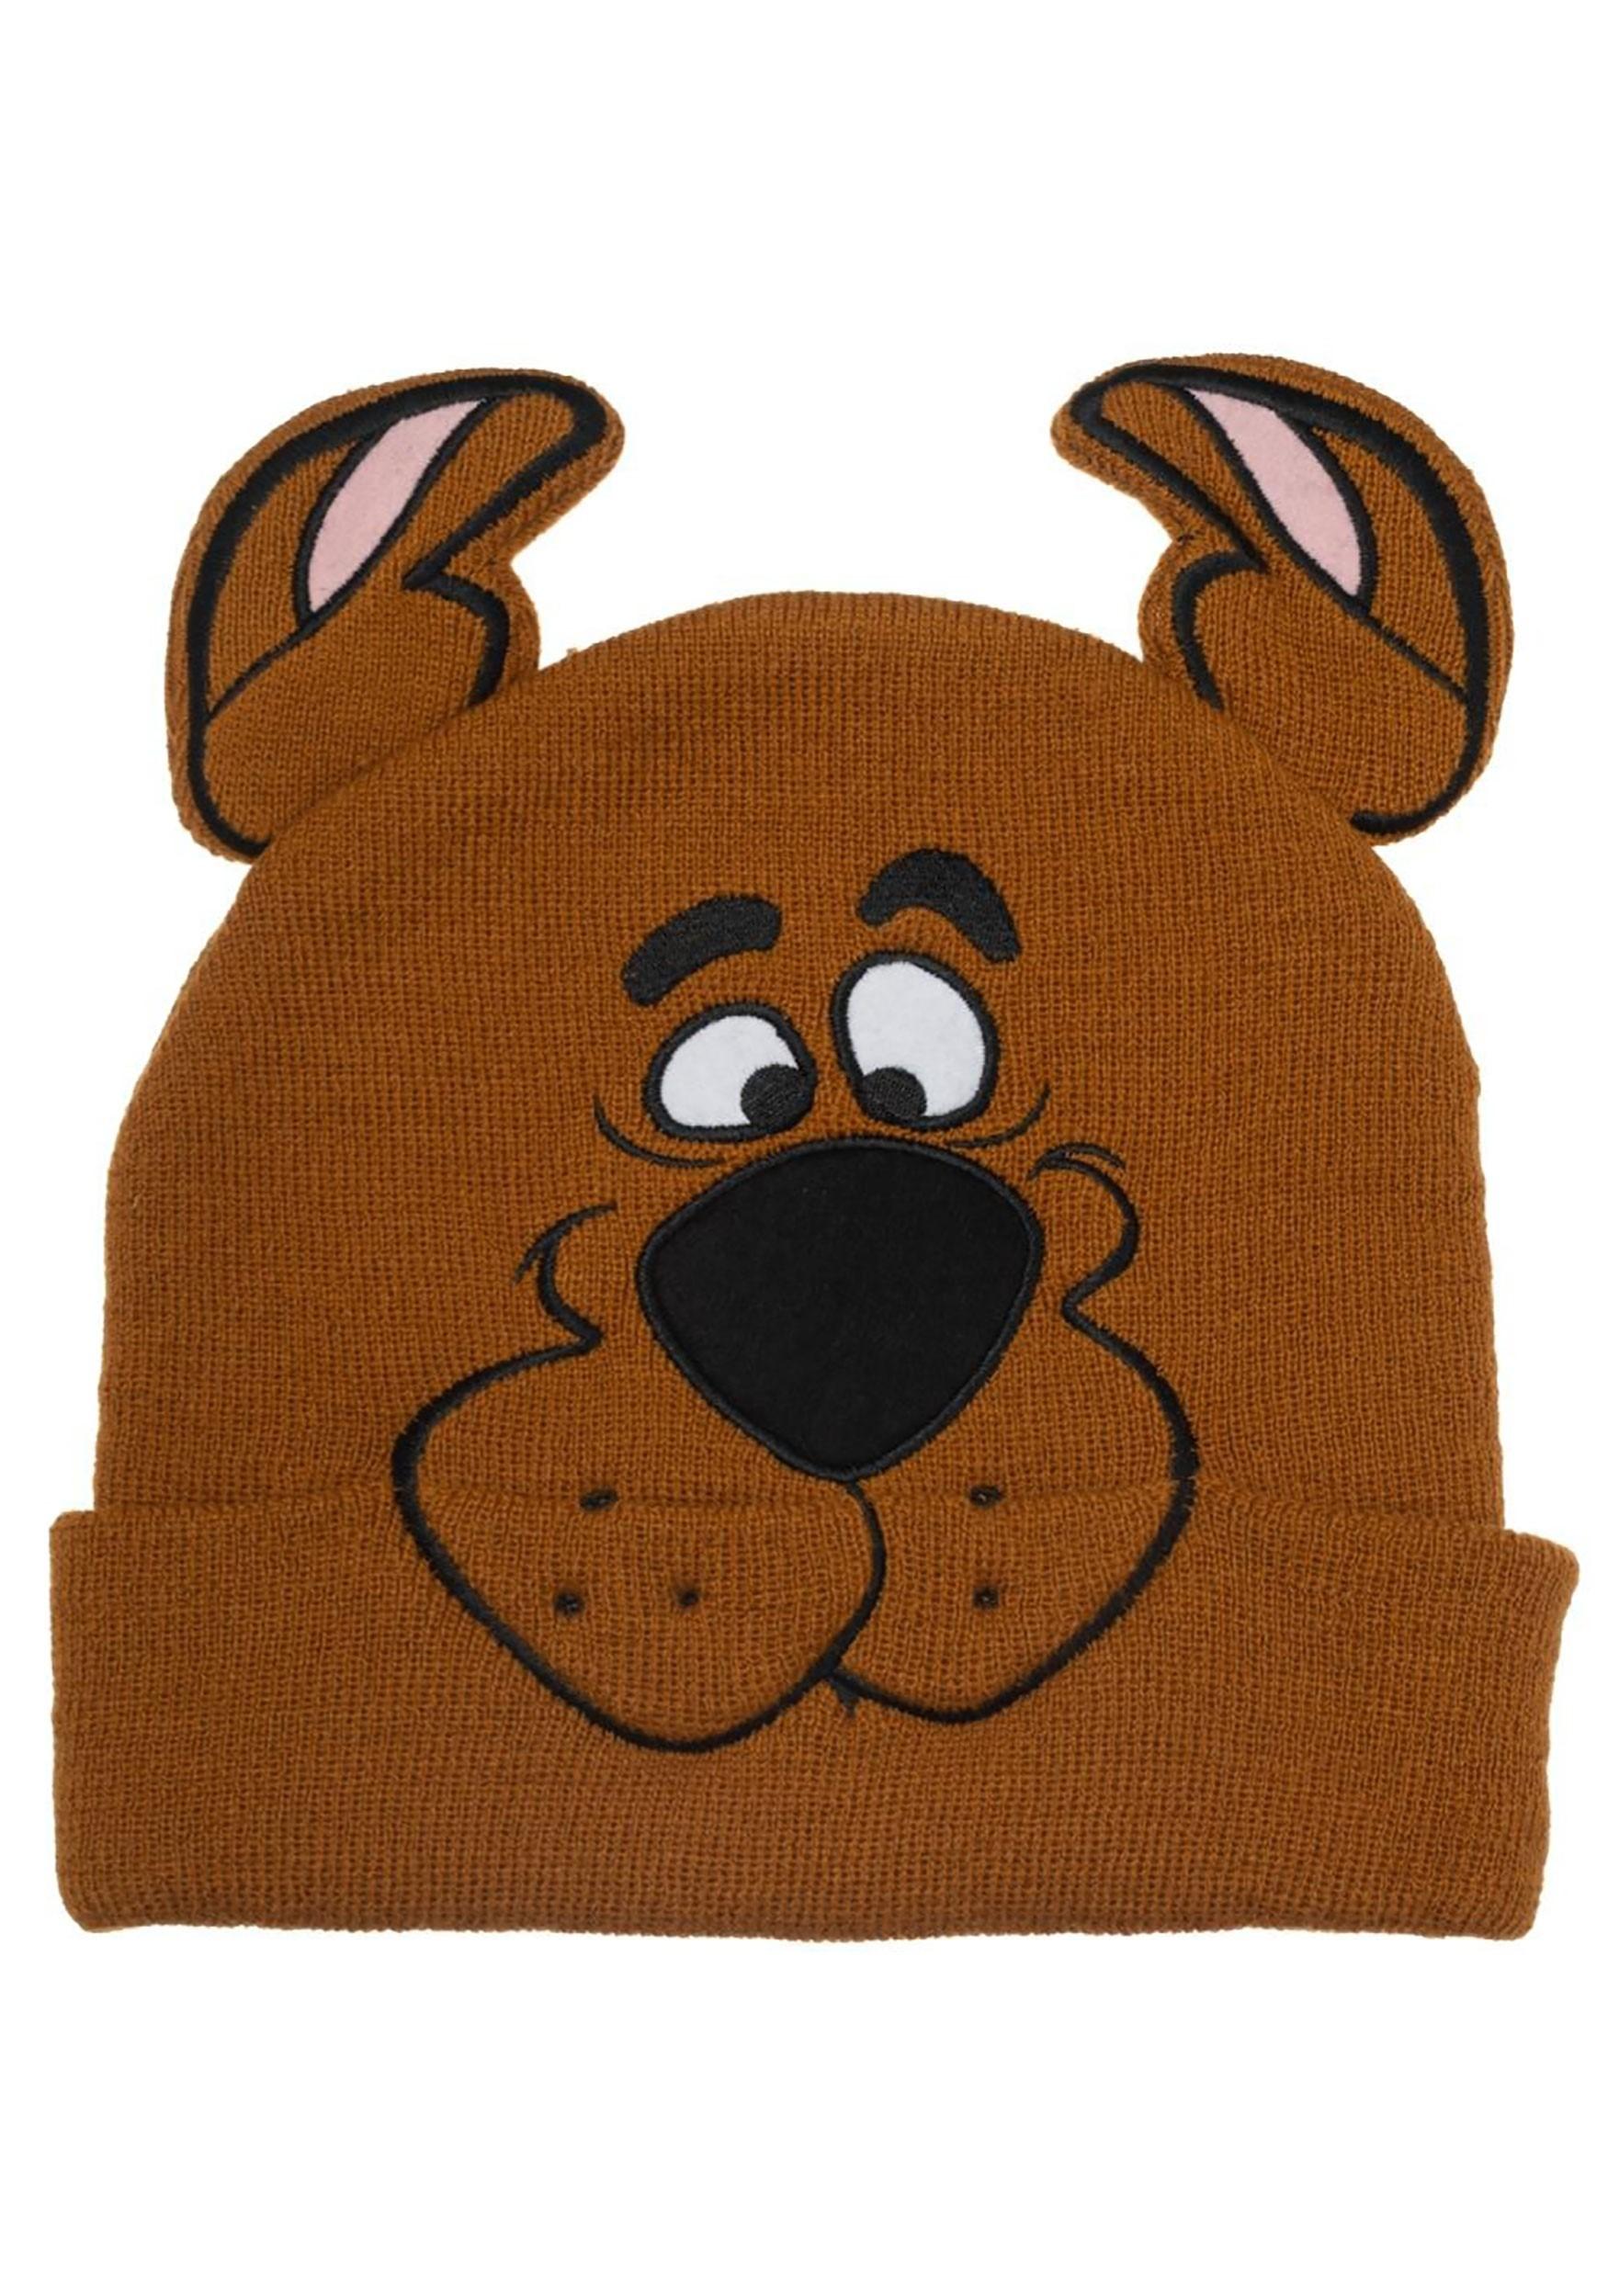 Big Face Scooby Doo 3D Ear Beanie